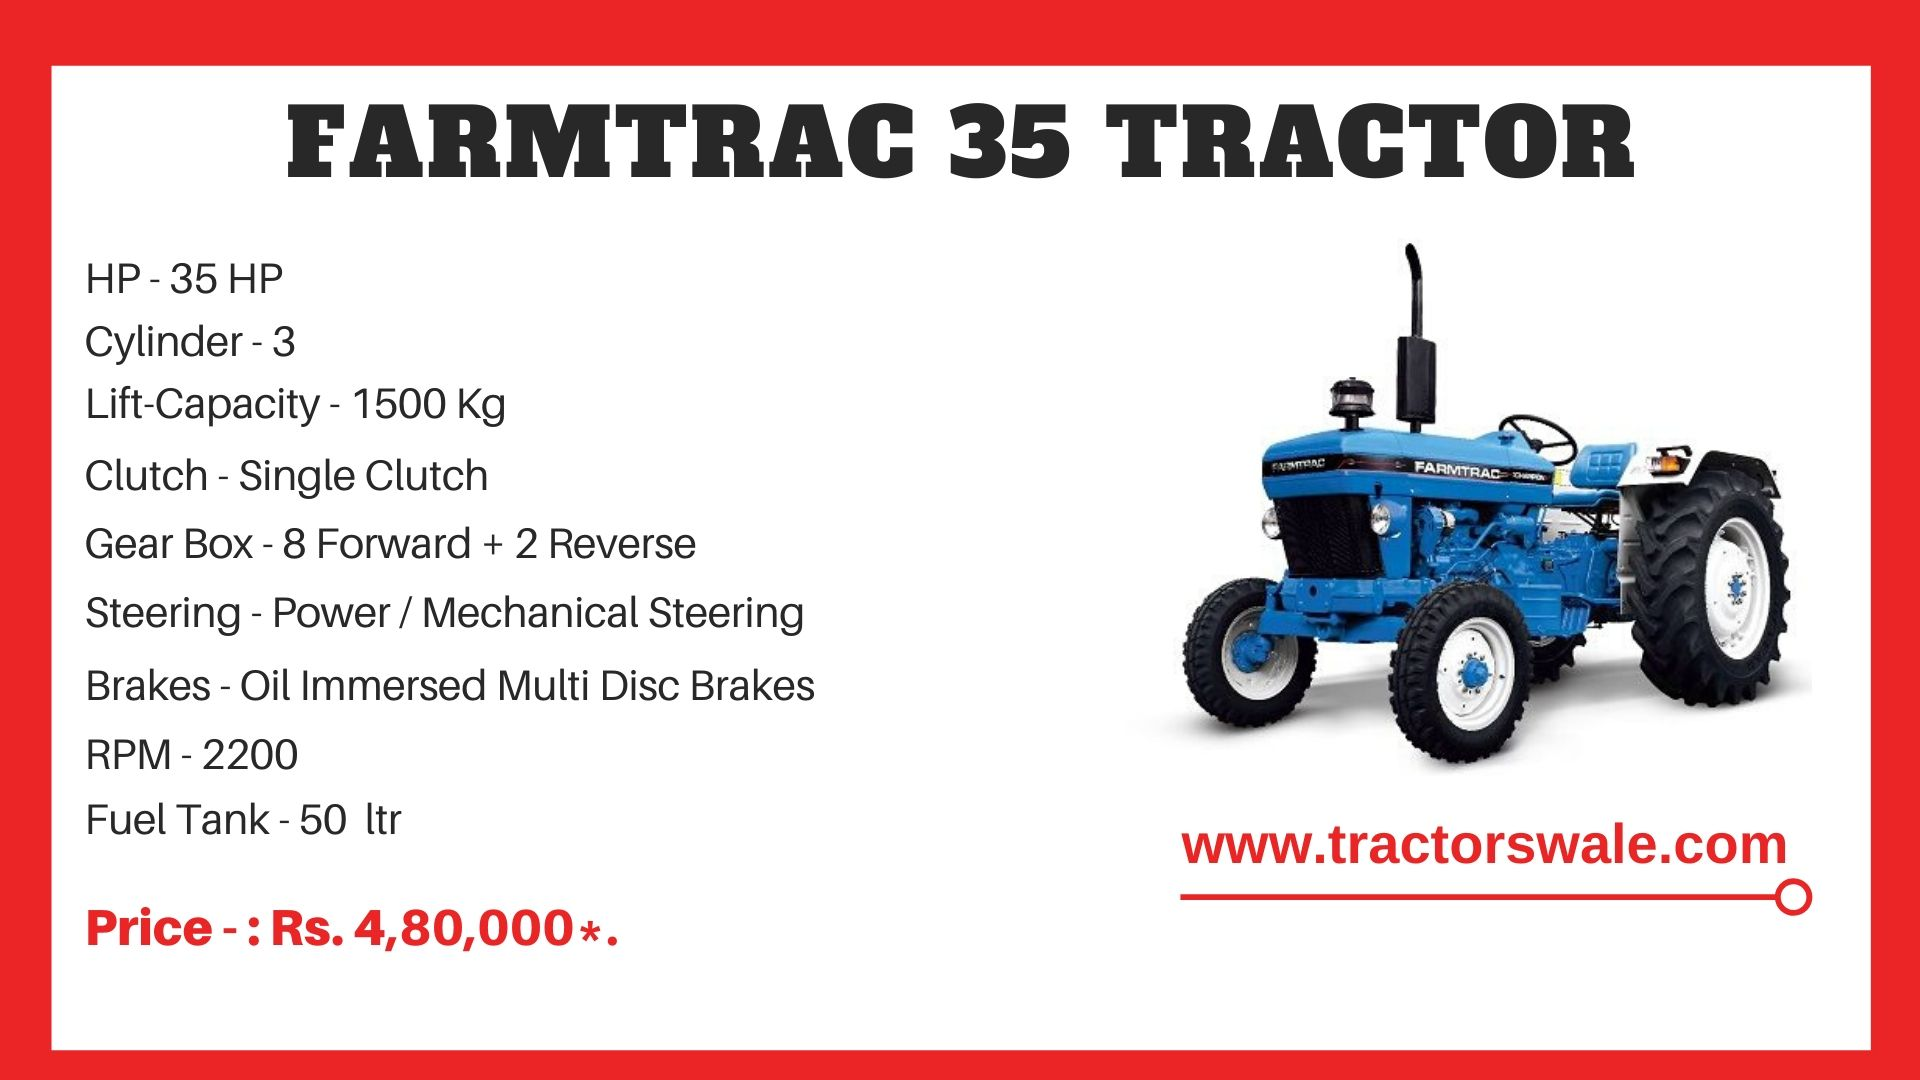 Farmtrac 35 Tractor price